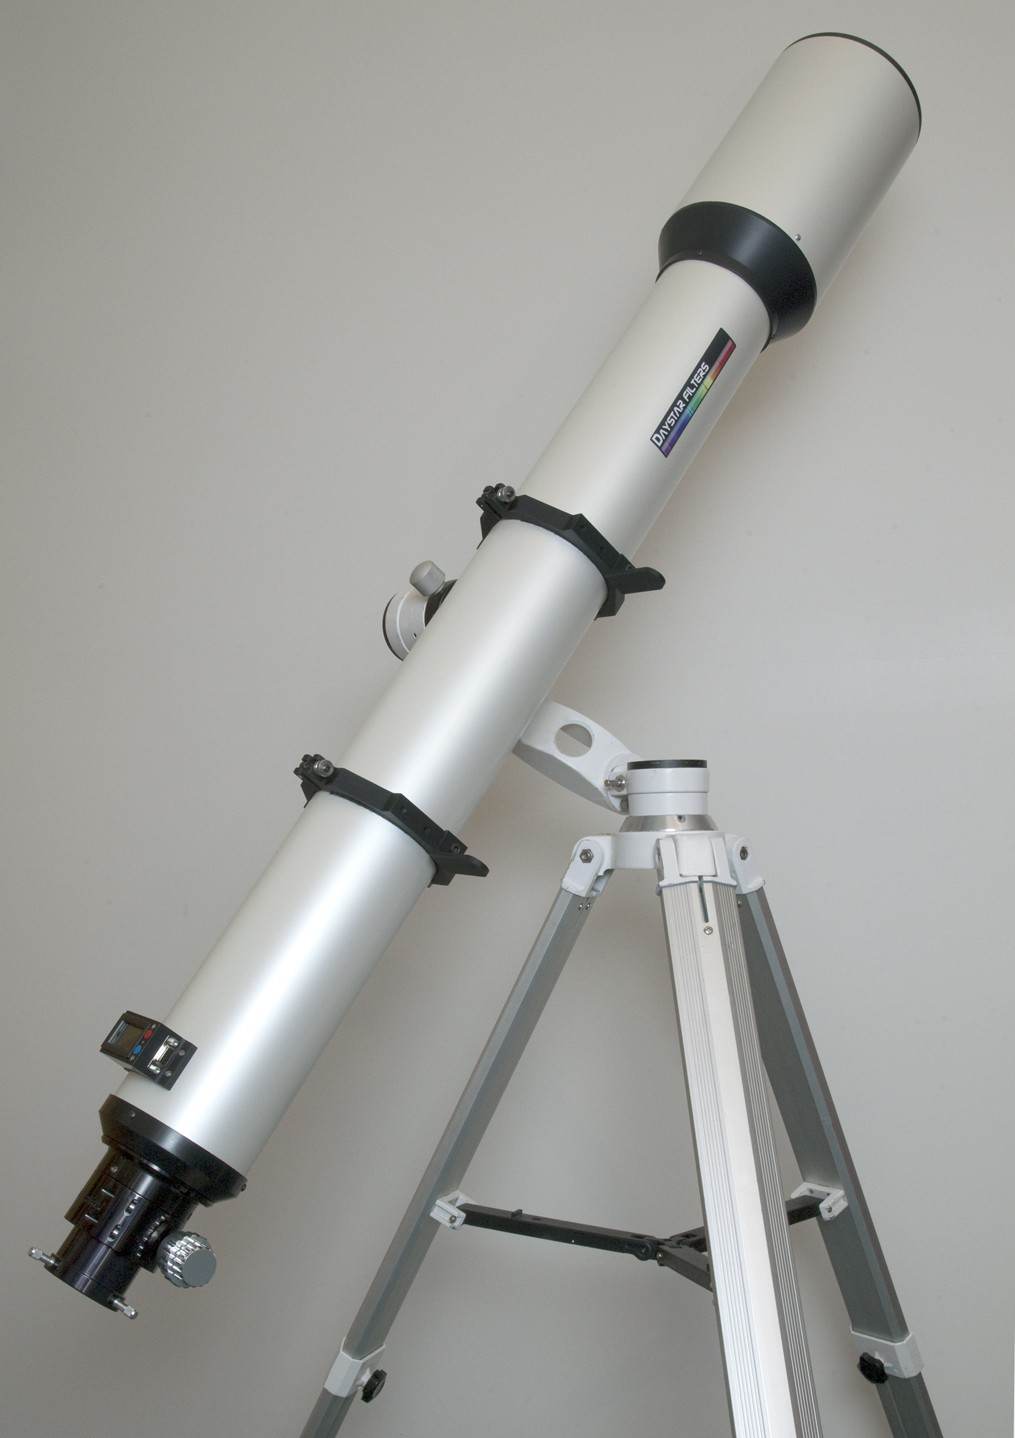 SR 127mm Dedicated Solar Telescope 0.6Å SE Grade